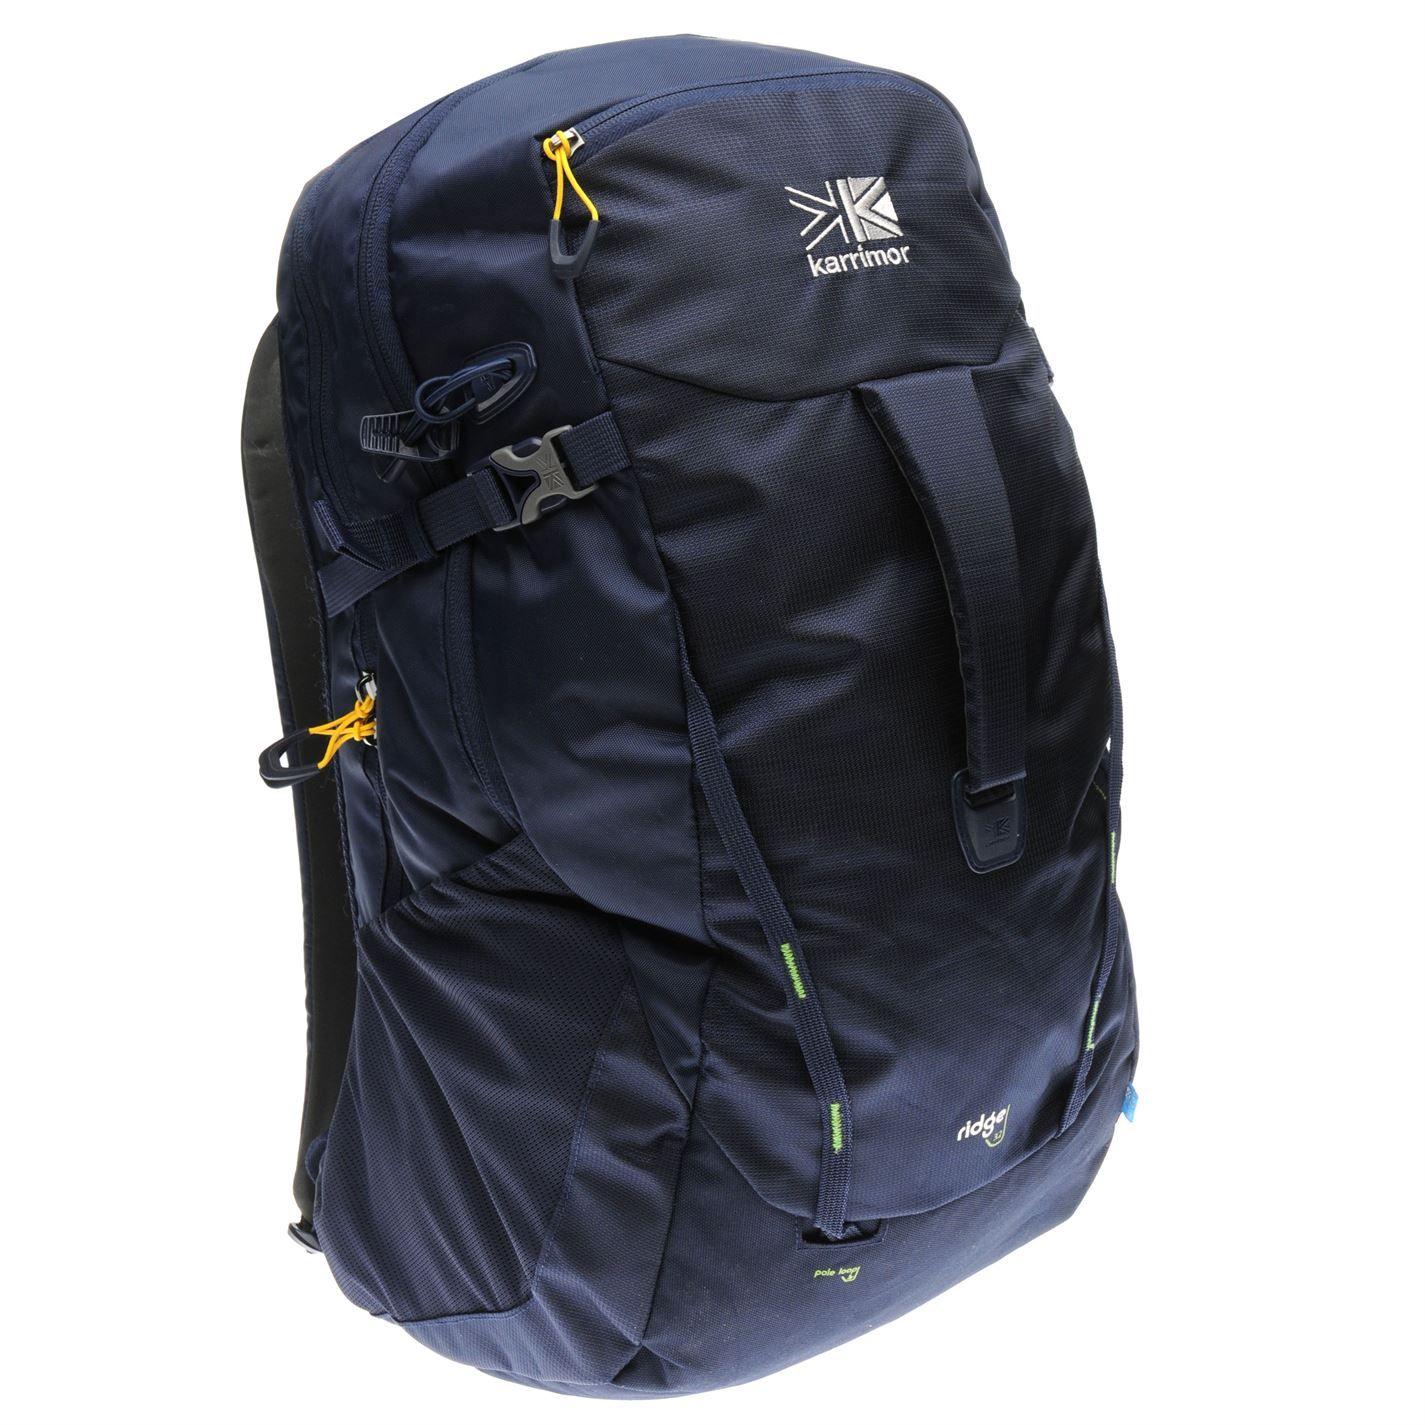 Karrimor Ridge 32 Rucksack Back Pack